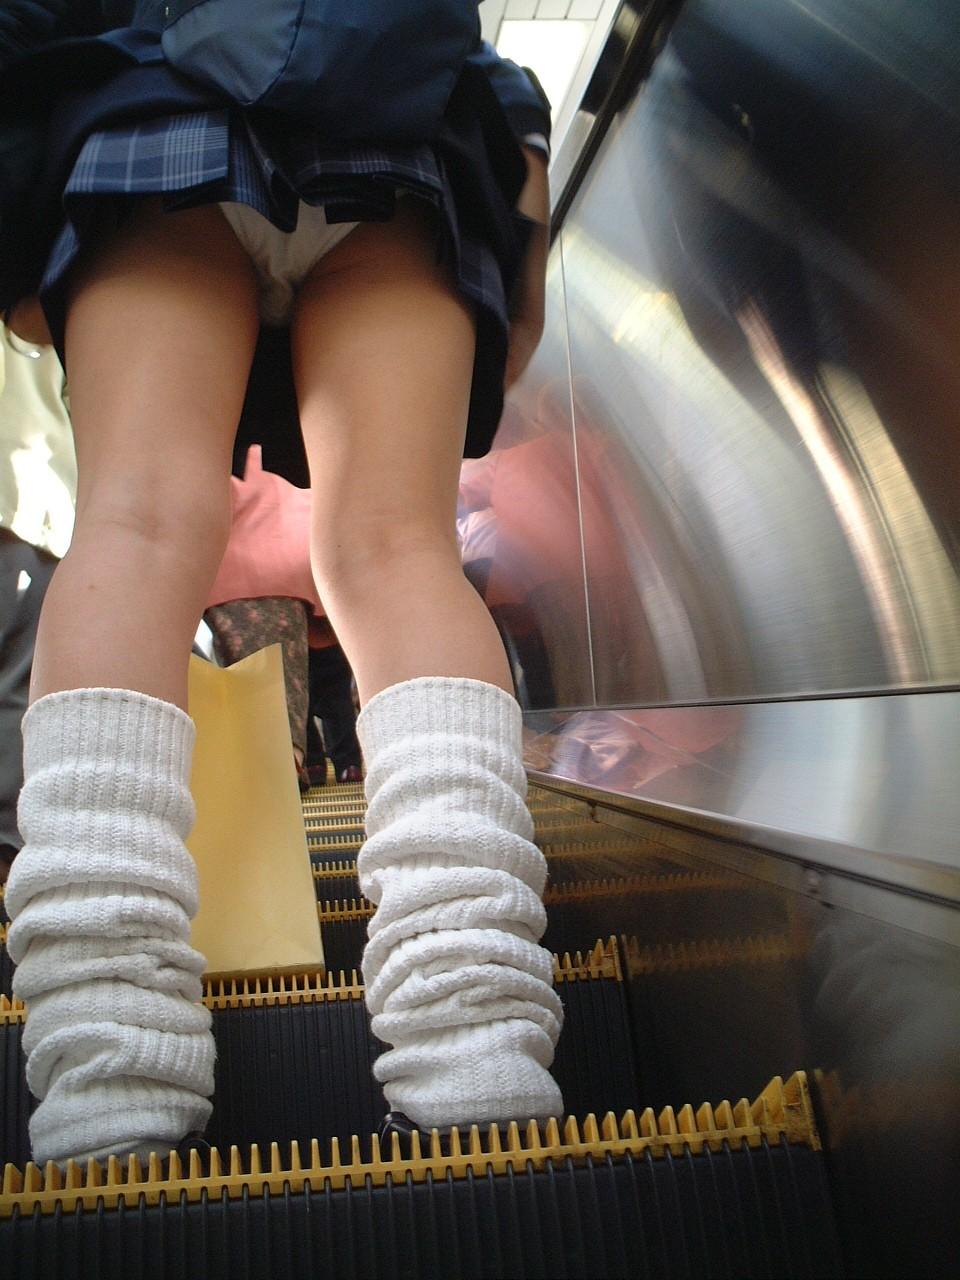 jkの下着盗撮を警戒する階段下パンチラ盗撮エロ画像15枚目